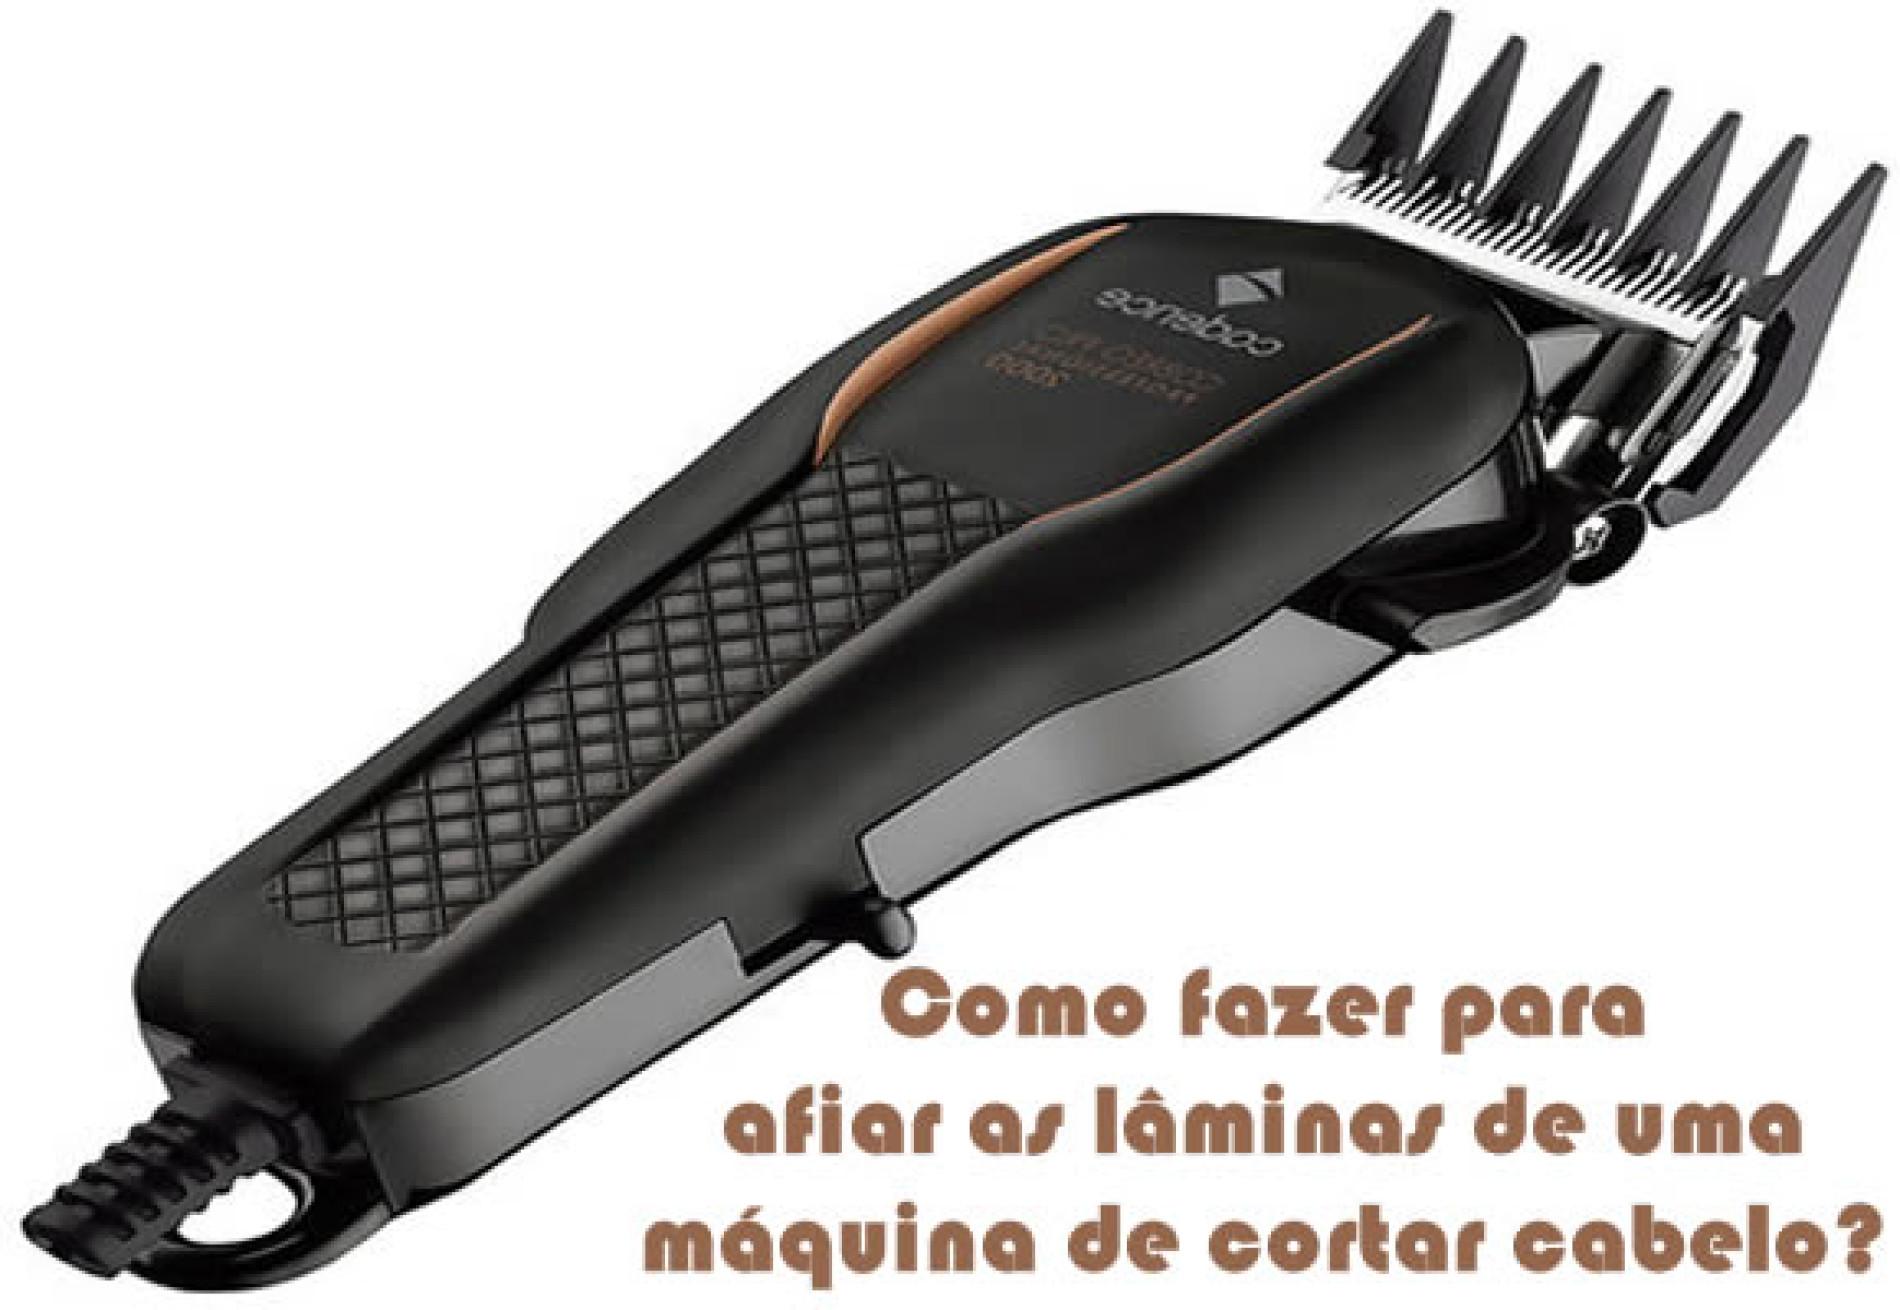 Como fazer para afiar máquina de cortar cabelo?